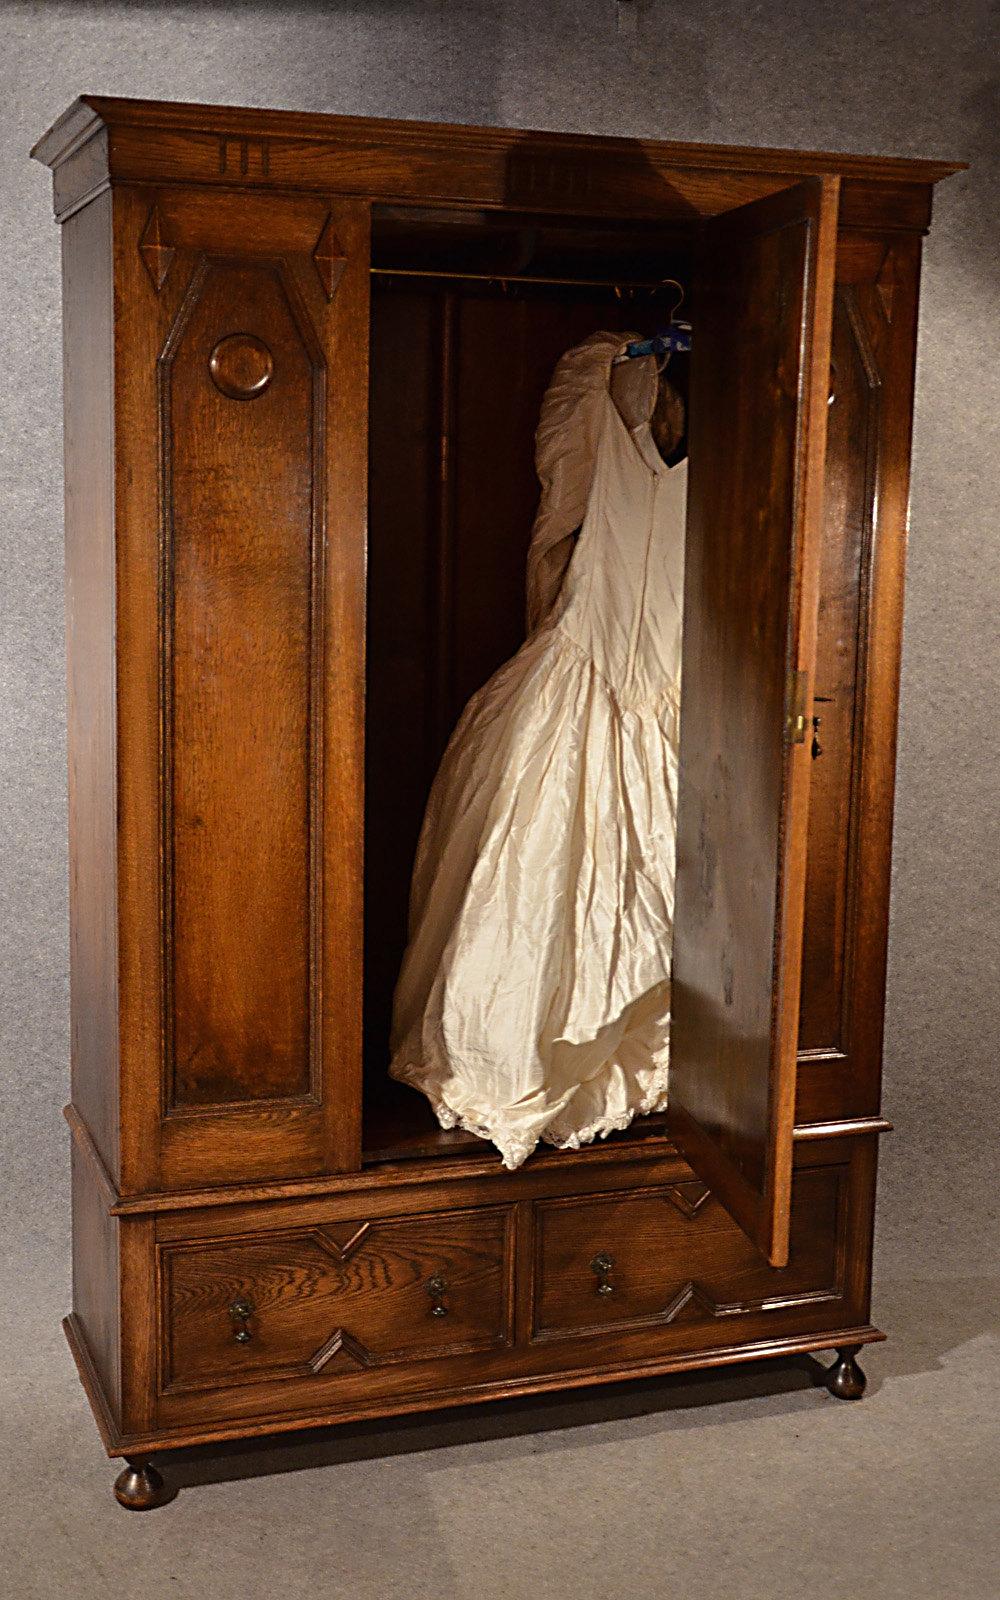 Antique Furniture Edwardian (1901-1910) Alert Edwardian Art Nouveau/style Mahogany Single Wardrobe 100% Original